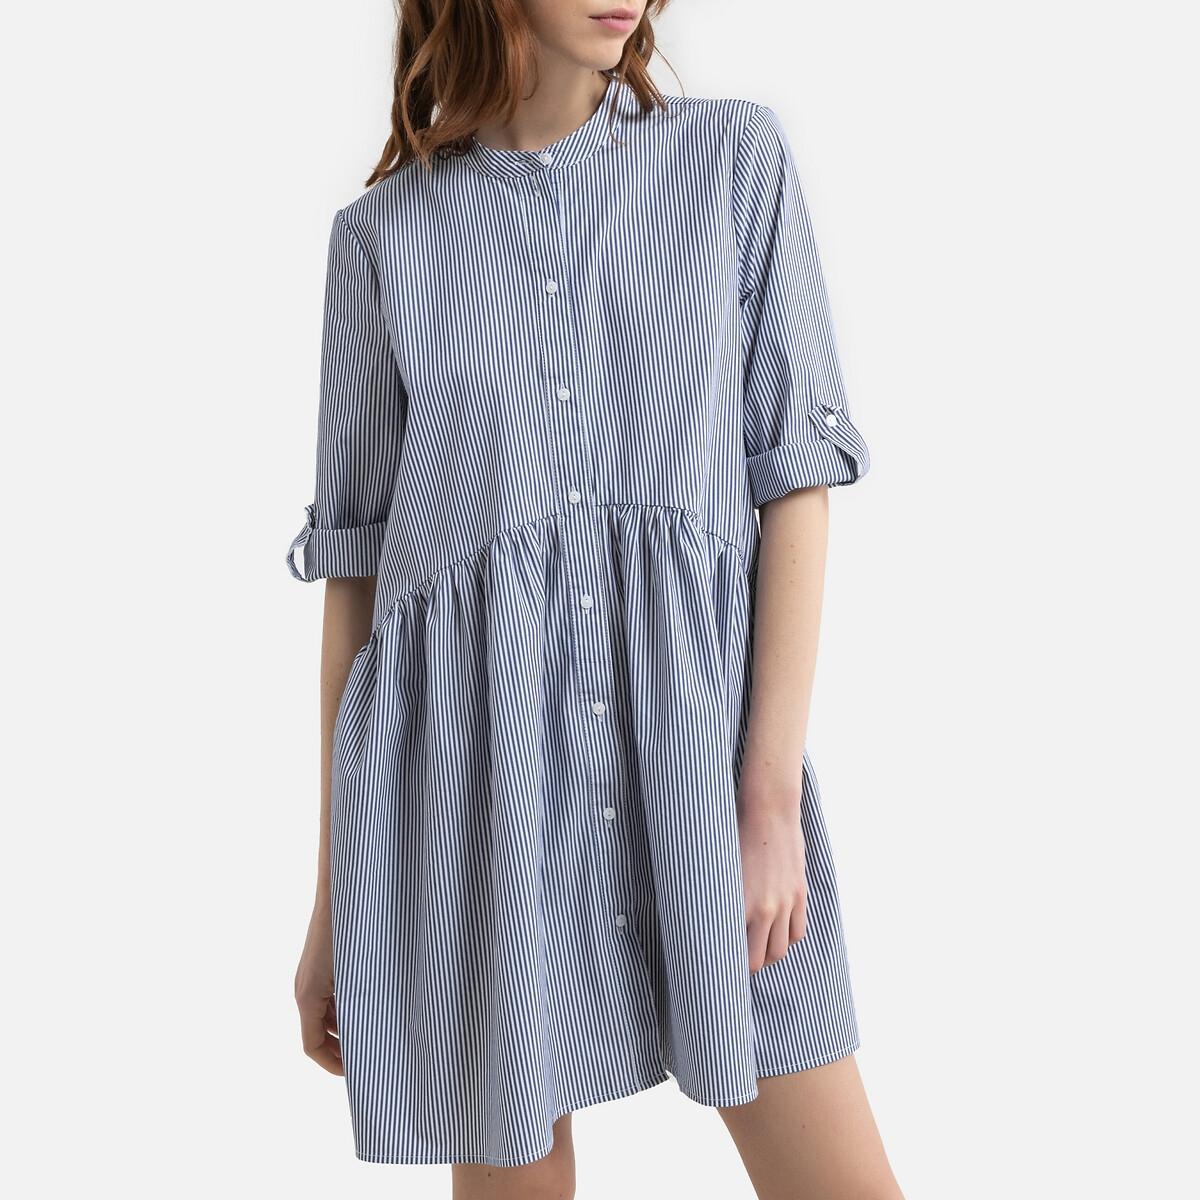 Фото - Платье-рубашка LaRedoute В полоску с воротником-стойкой рукава 34 M синий пижама laredoute с шортами в полоску m синий